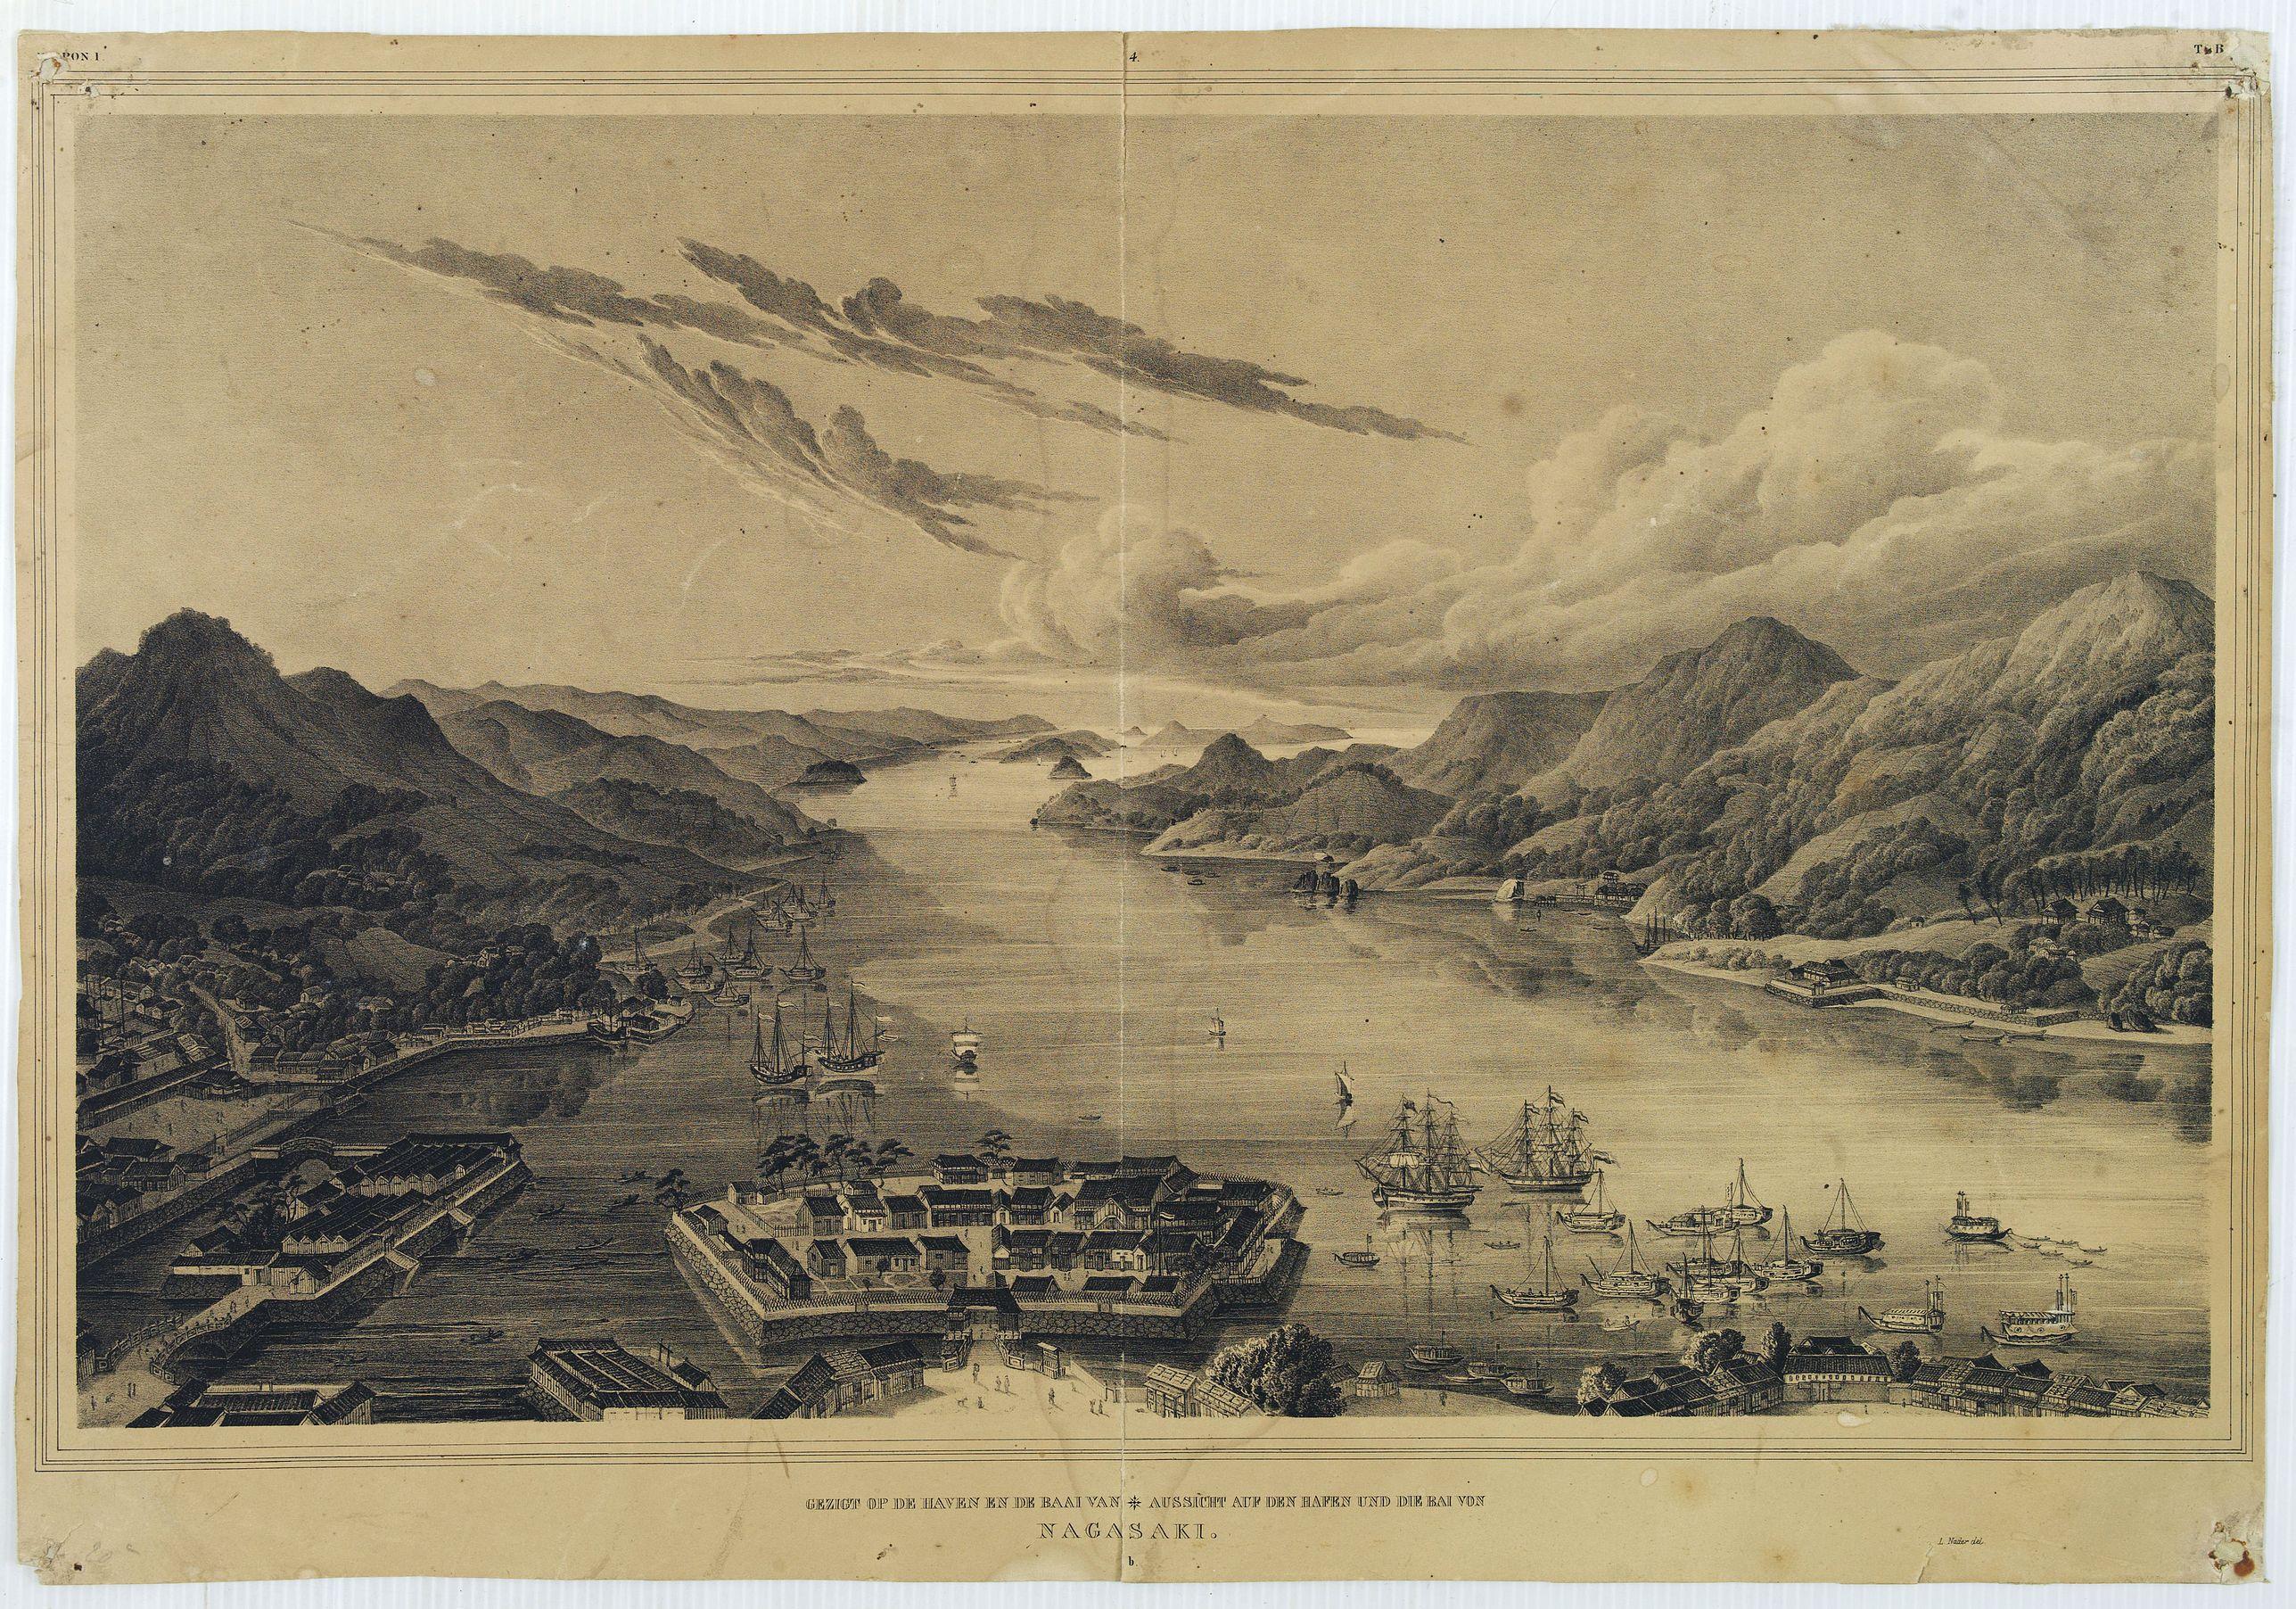 VON SIEBOLD, P.Fr.B. - Gezigt op de haven en de baai van Nagasaki..